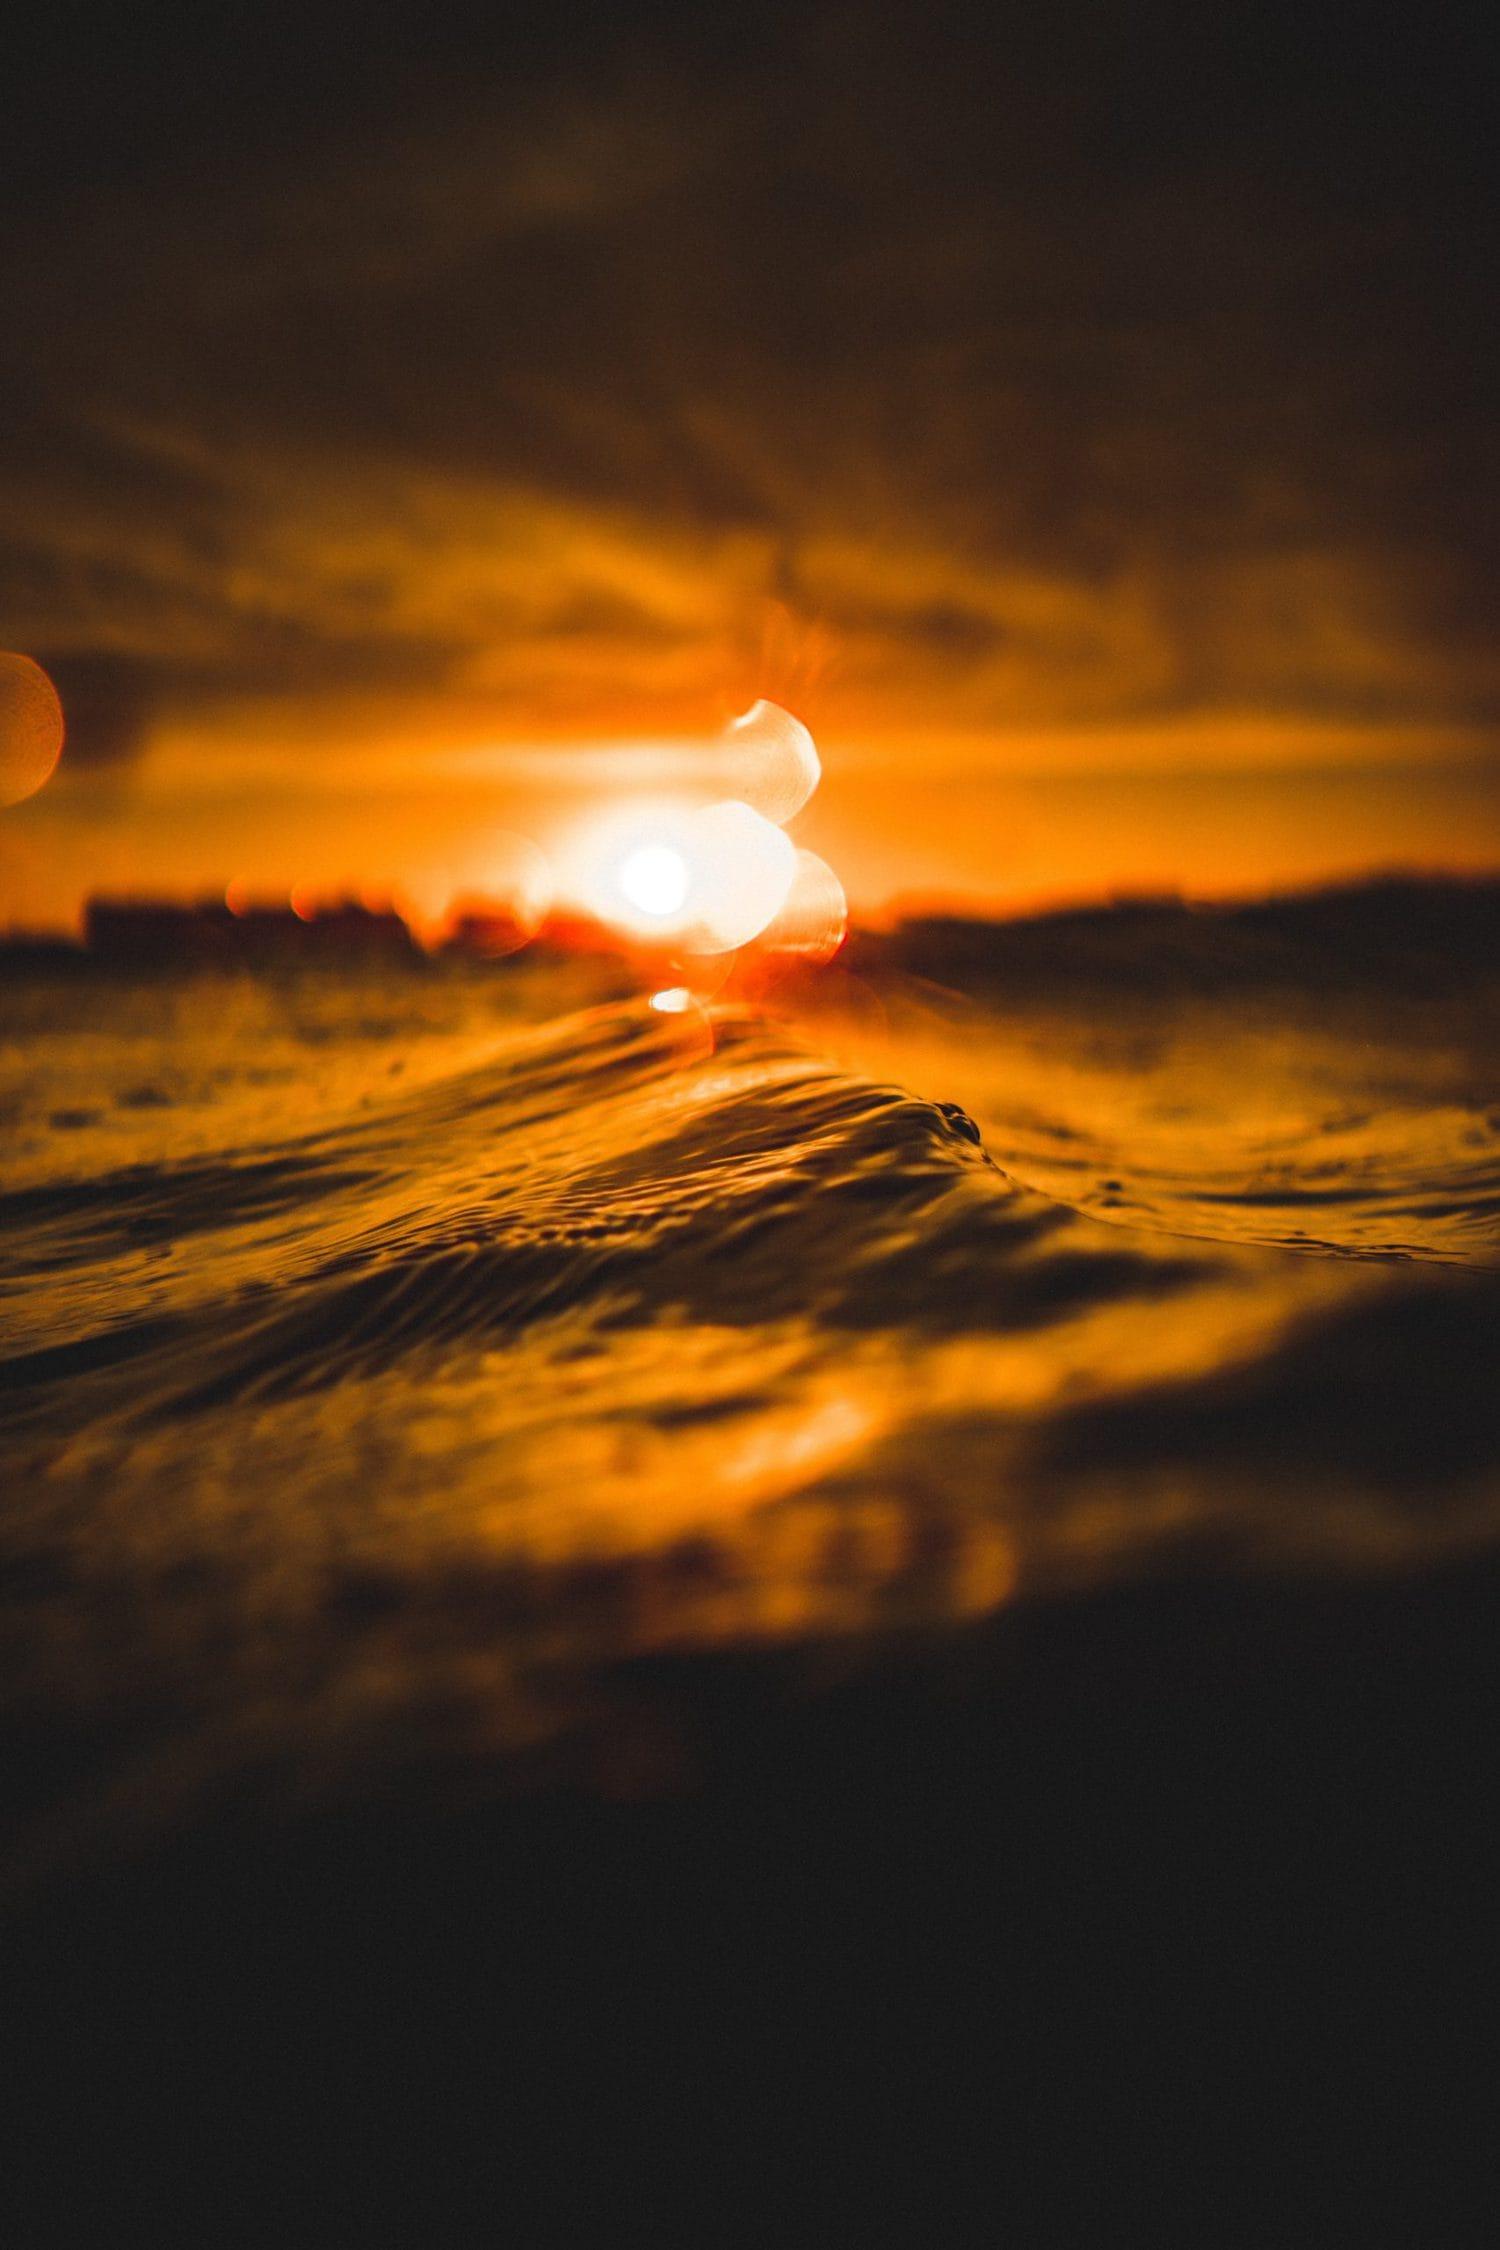 Puesta de sol con temperatura de color cálidad